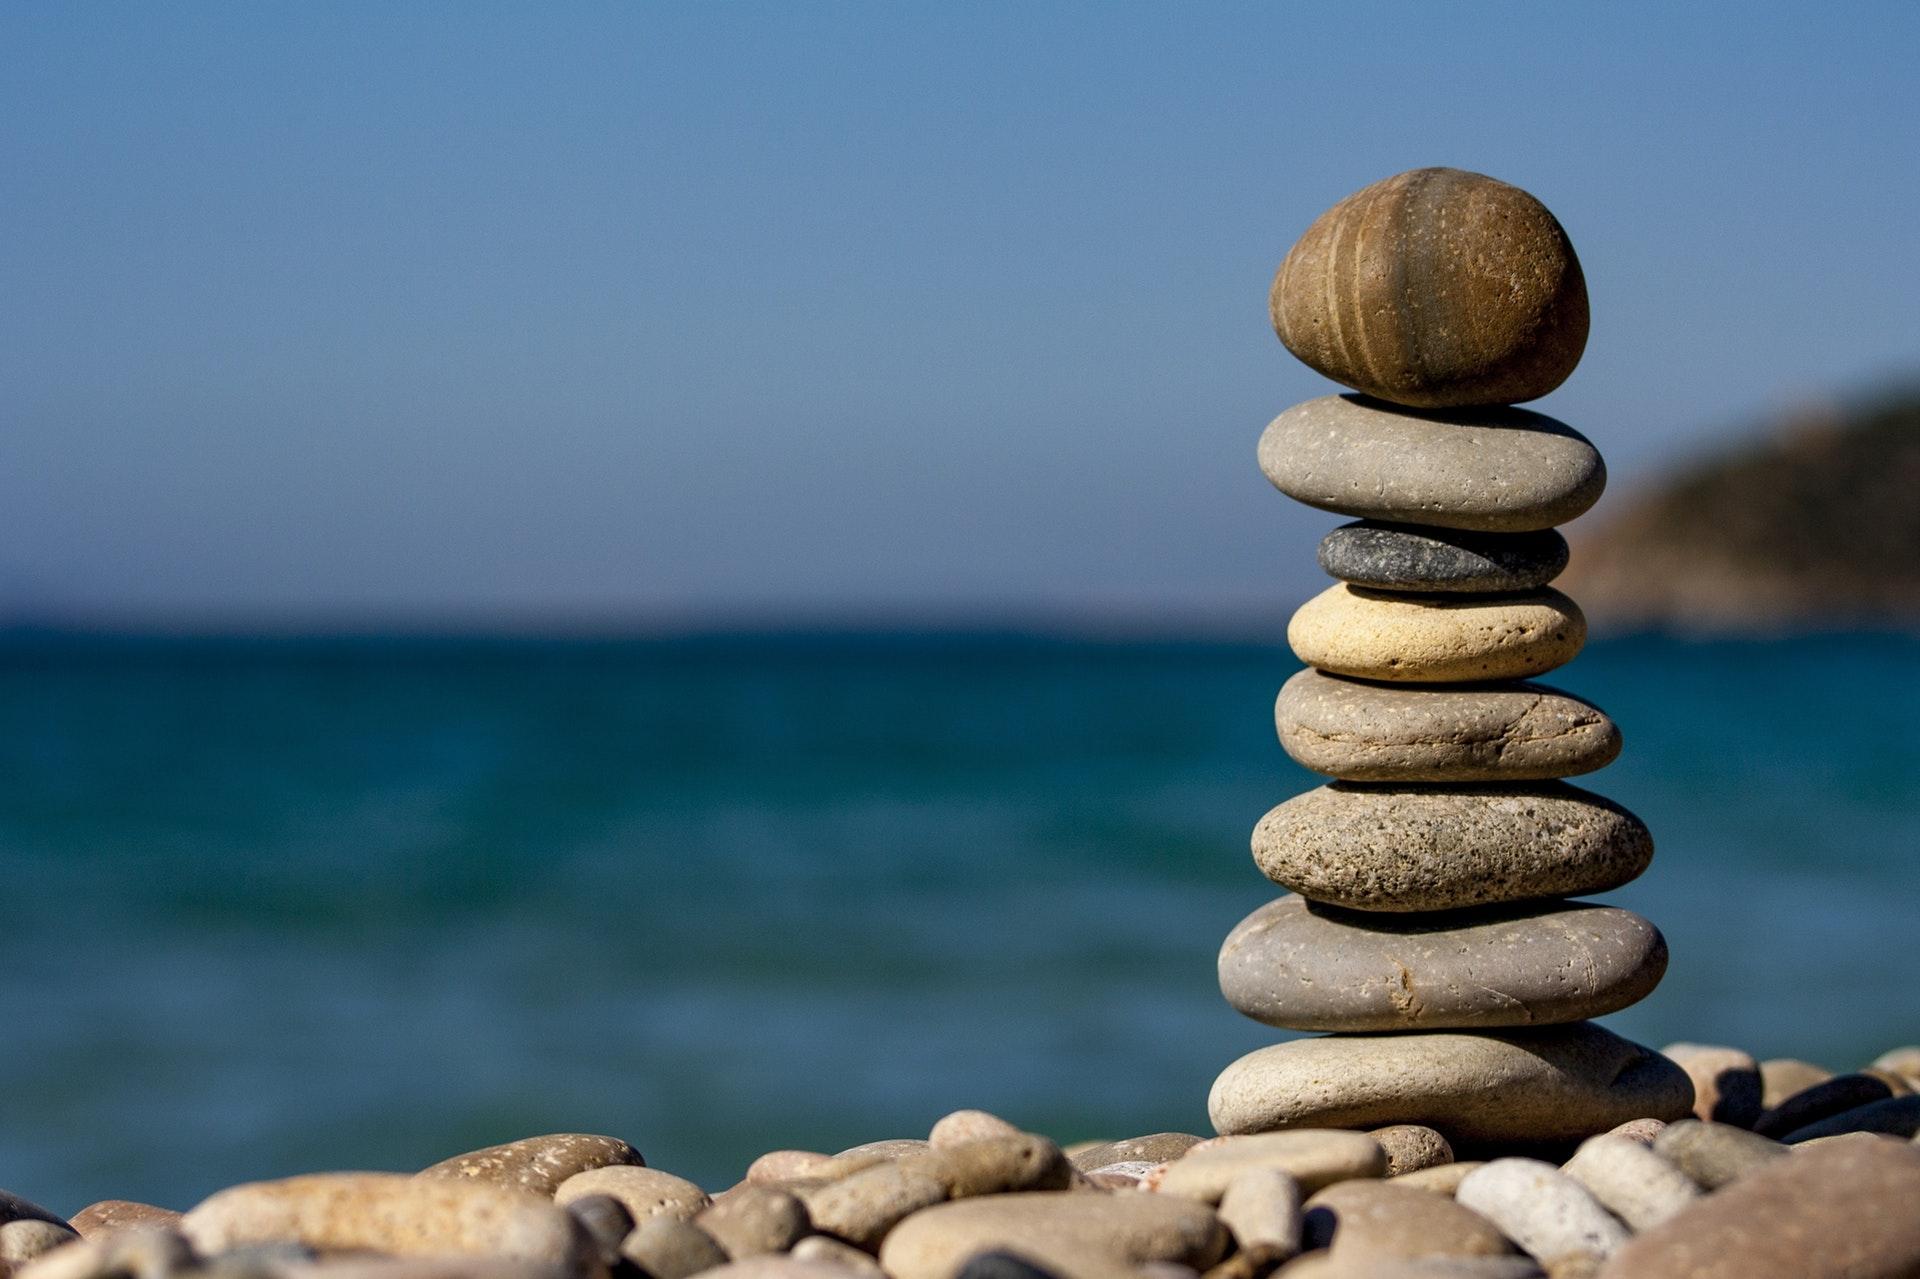 バランスよく重ねられた石